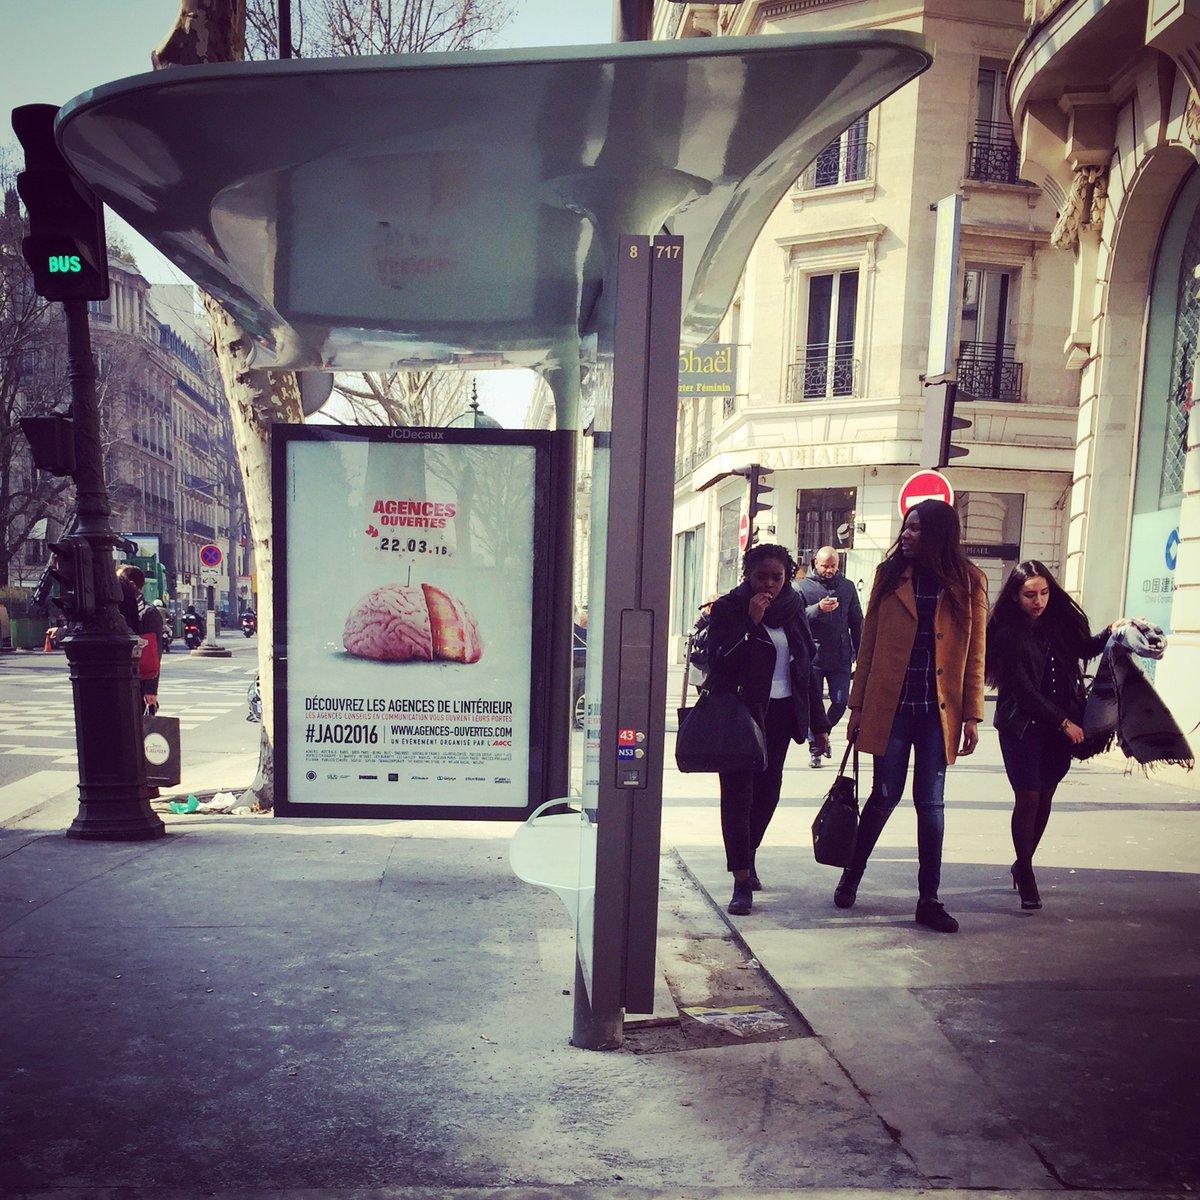 #JAO2016, c'est le 22/03/2016 dans toute la France... on en parle dans les rues de Paris ! #aacc #socialwall #headoo https://t.co/FaicS7H1ig